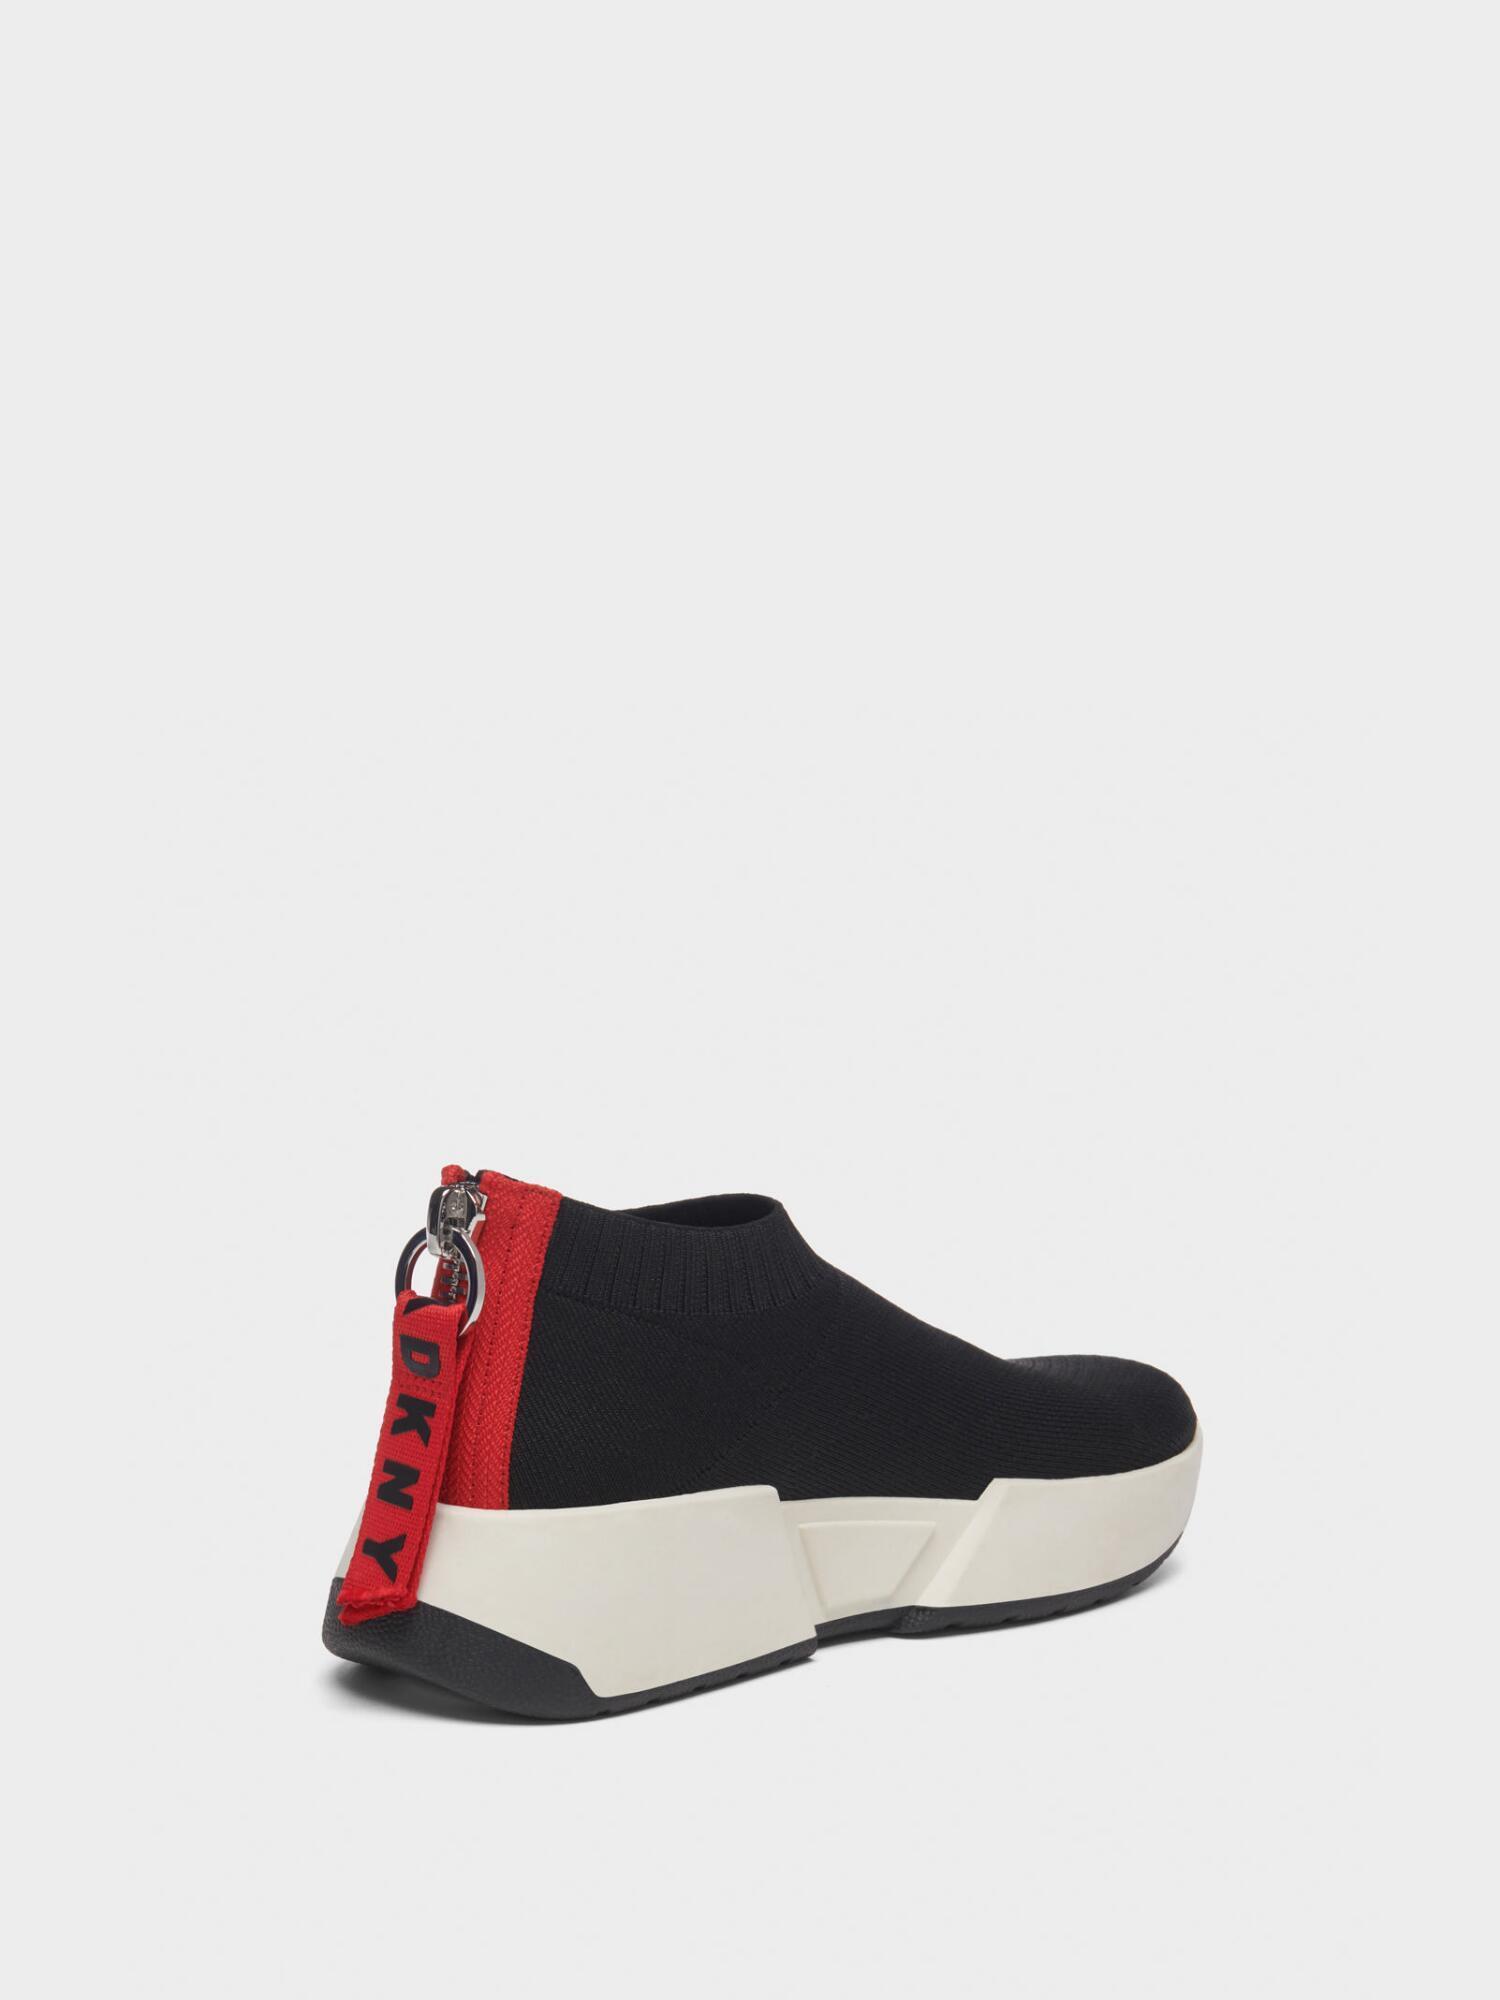 DKNY Marcel Slip-on Sneaker in Black - Lyst